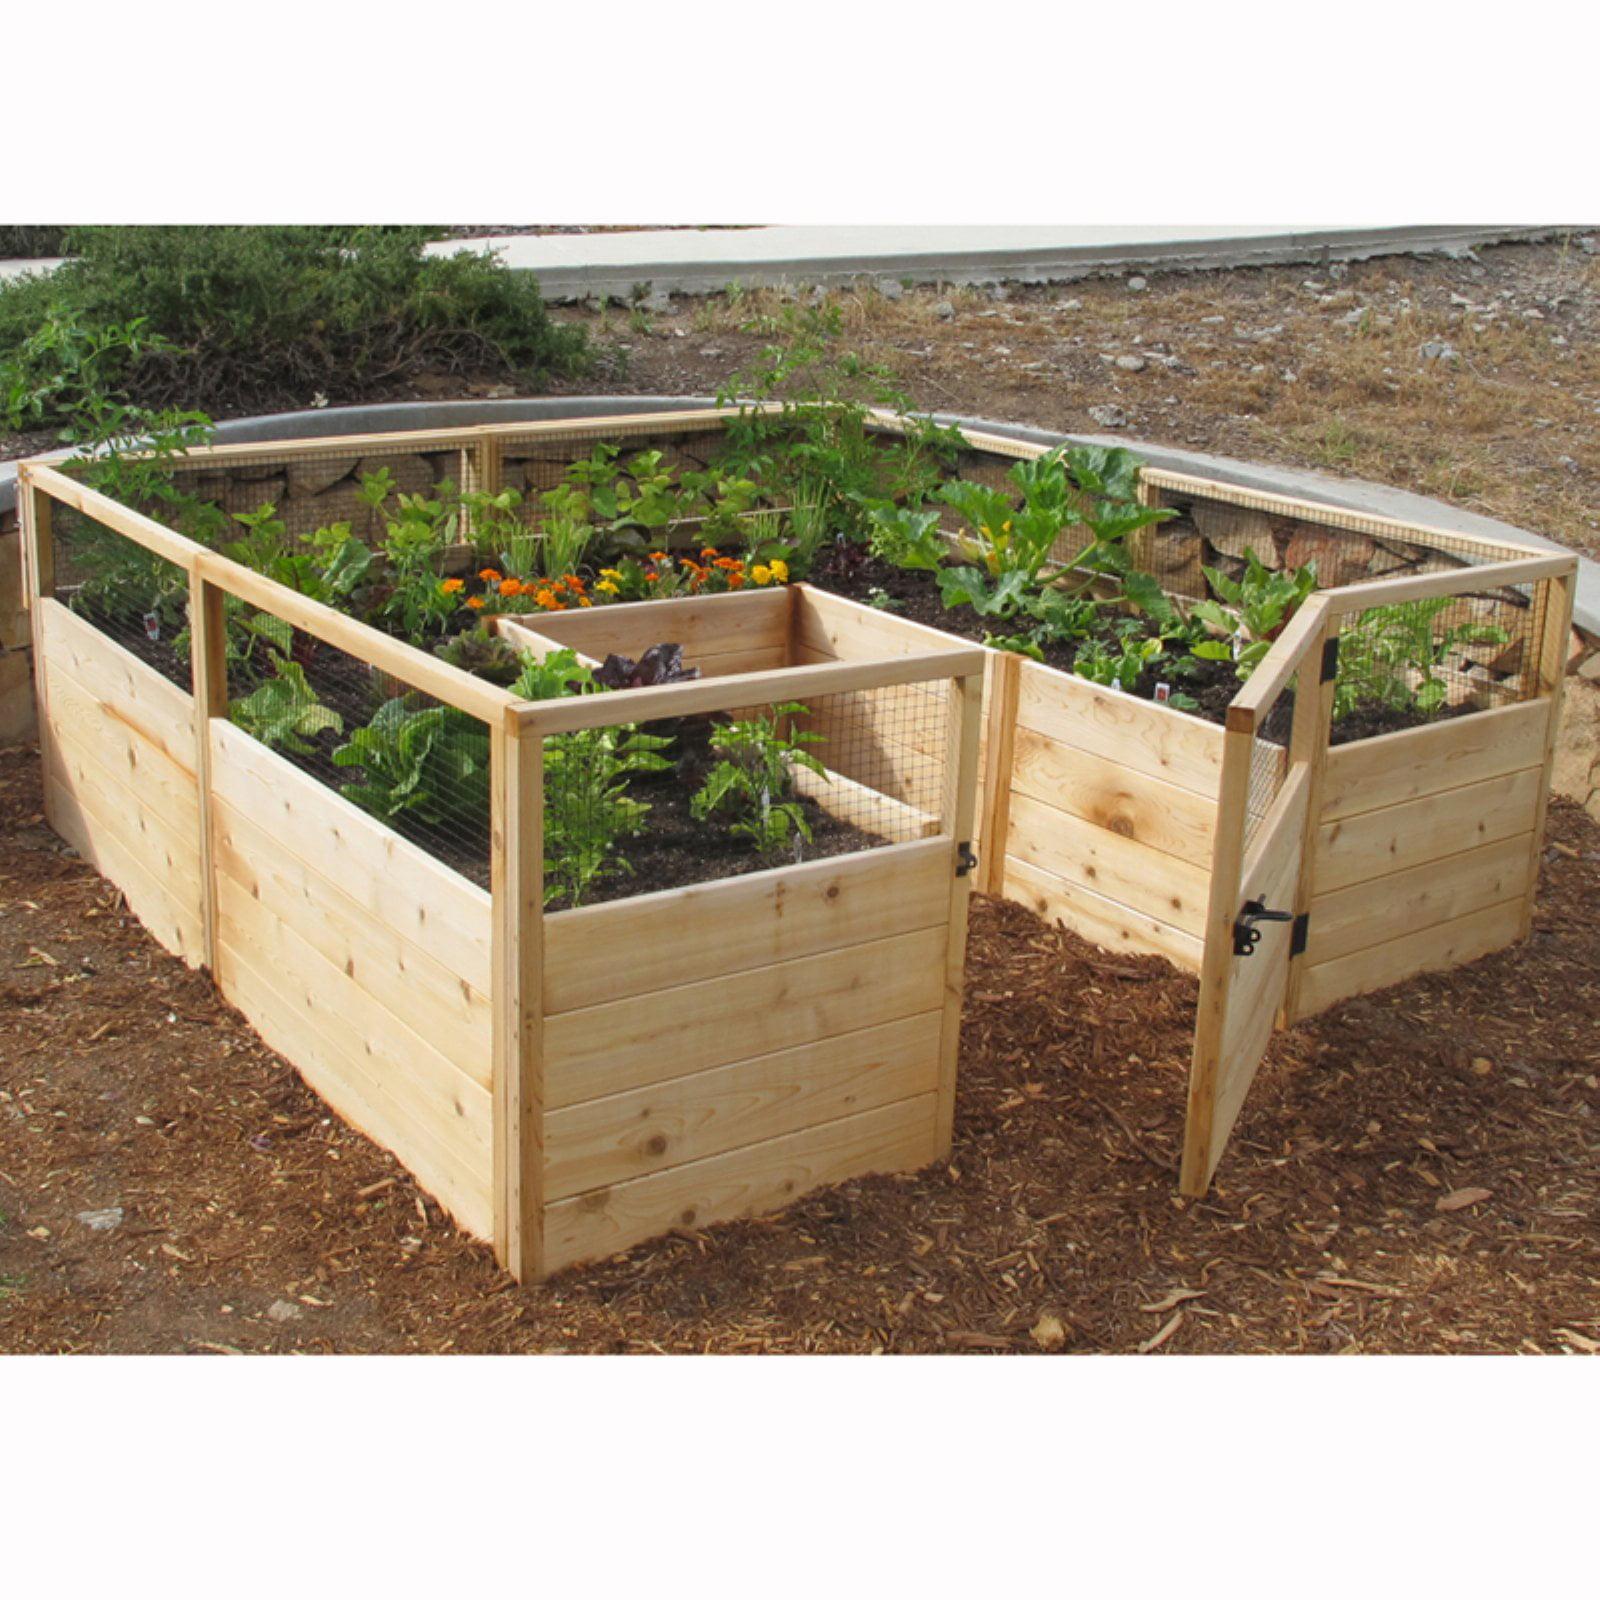 Outdoor Living Today Raised Cedar Garden Bed - 8 x 8 ft.